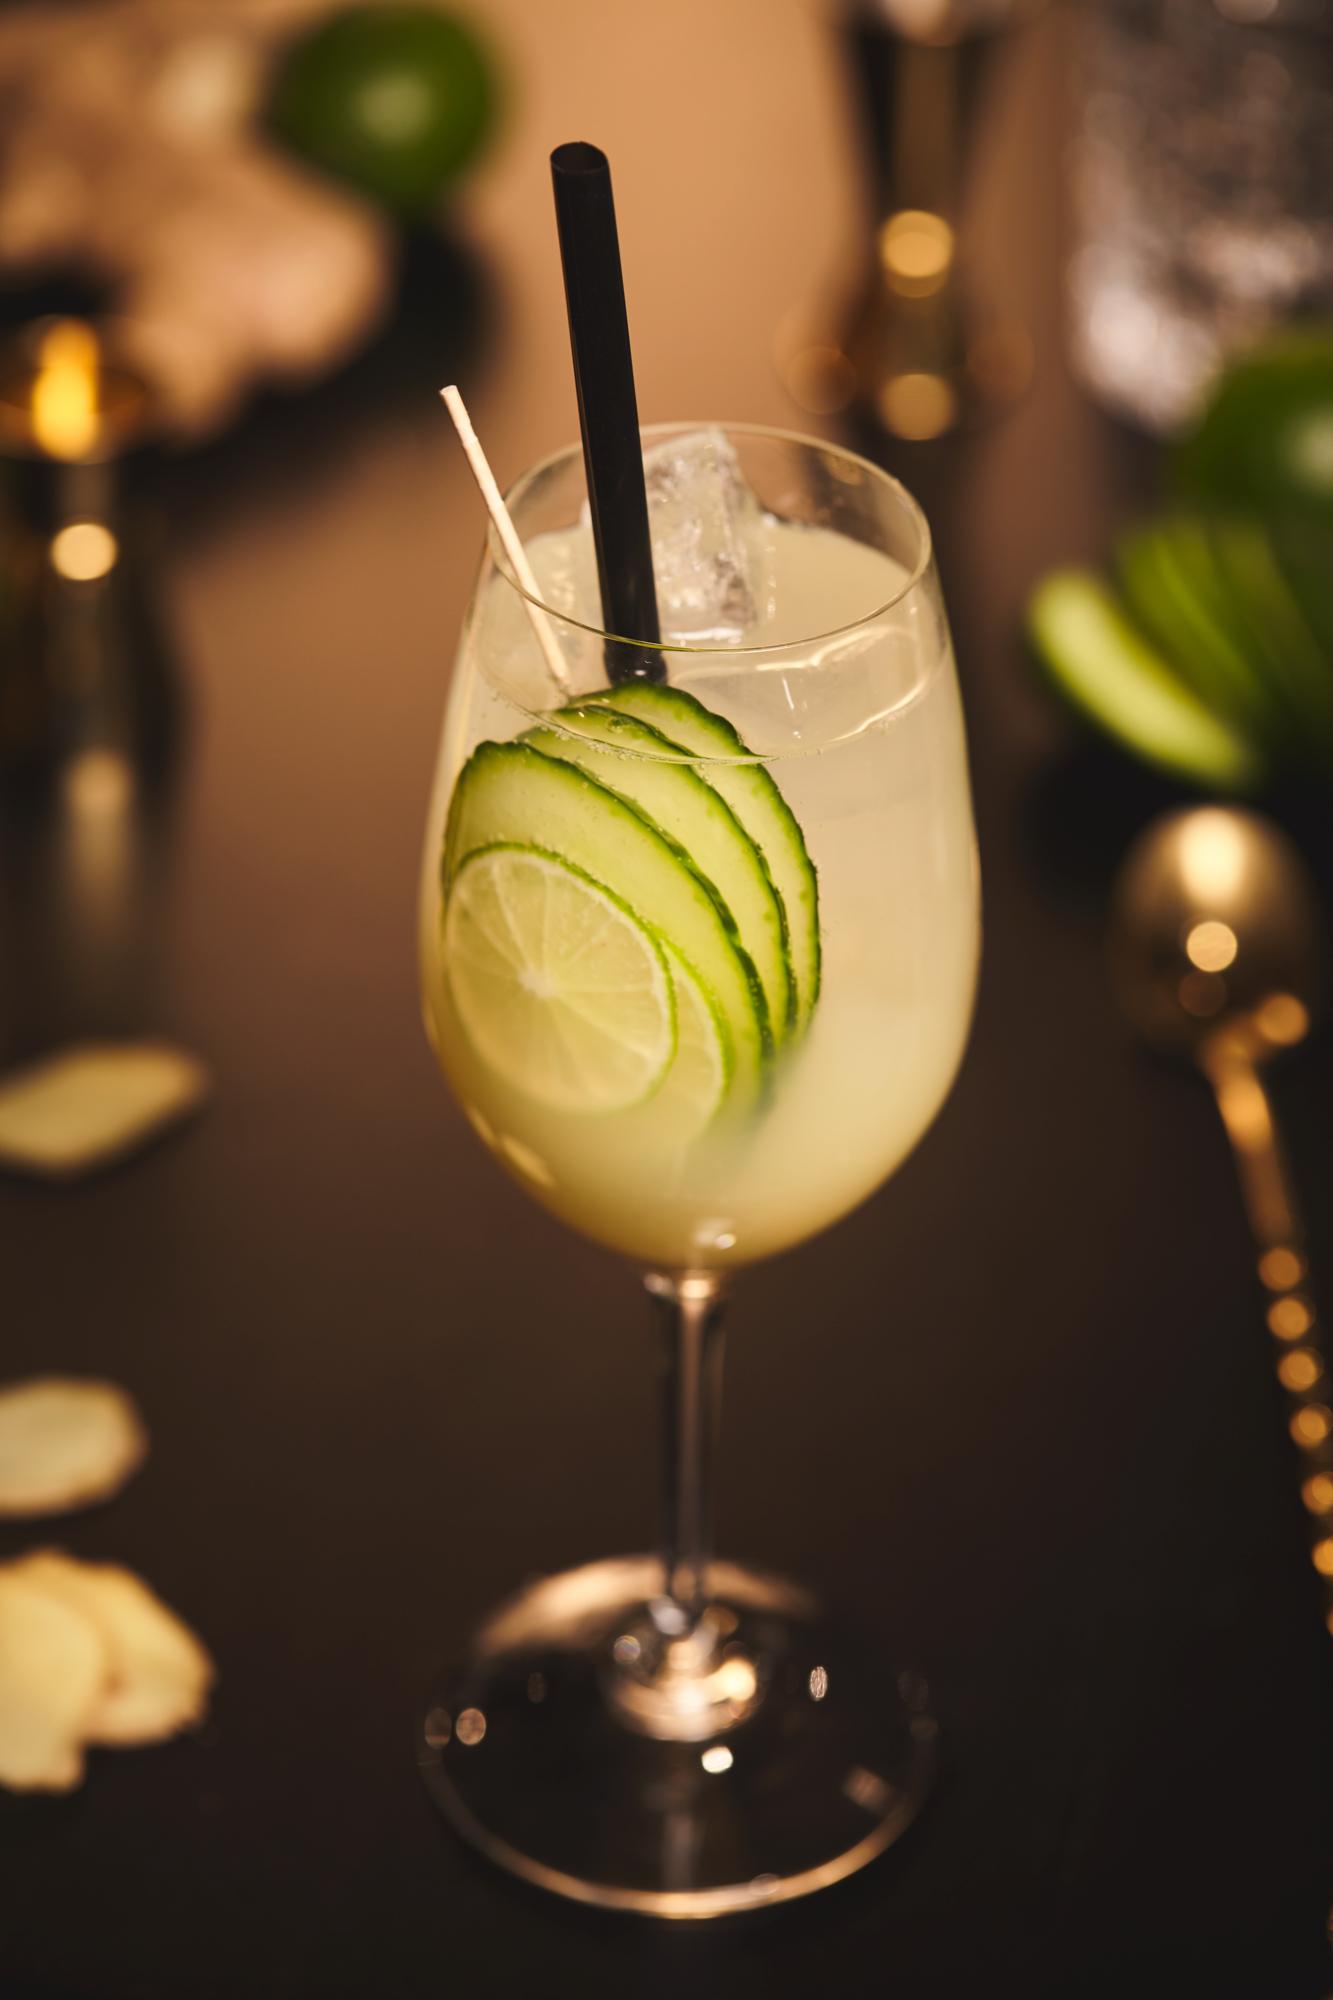 Perlwerk_Cocktail_Vienna-Mule-Sprizz_0311.JPG